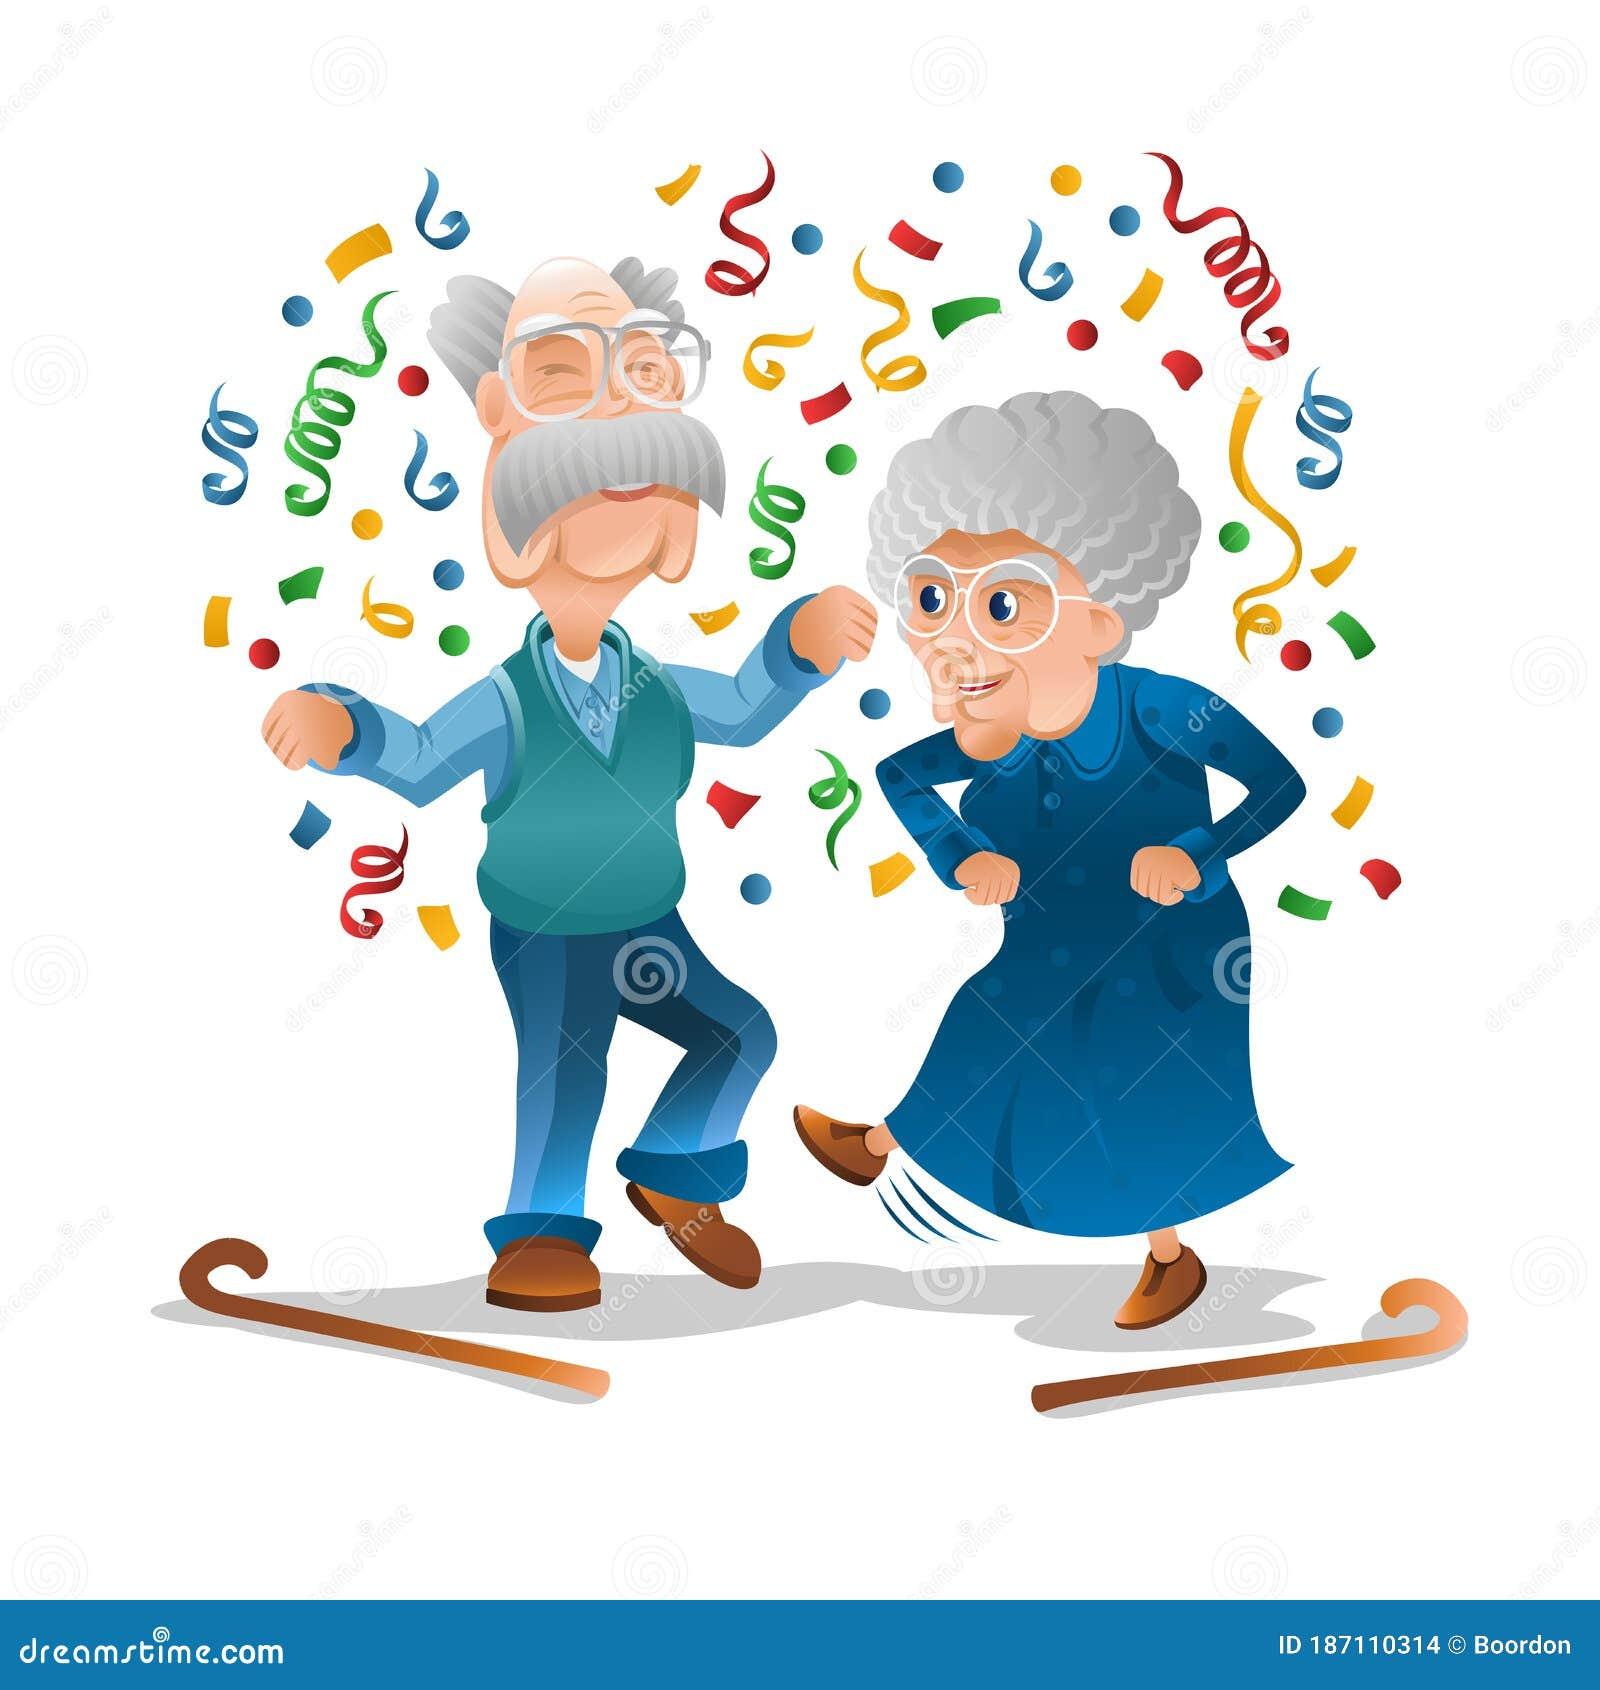 Дедушка и бабушка весело и потанцевать на дискотеке. Бабушка и дедушка  празднует день рождения или другой праздник вместе Иллюстрация вектора -  иллюстрации насчитывающей юбилей, плоско: 187110314